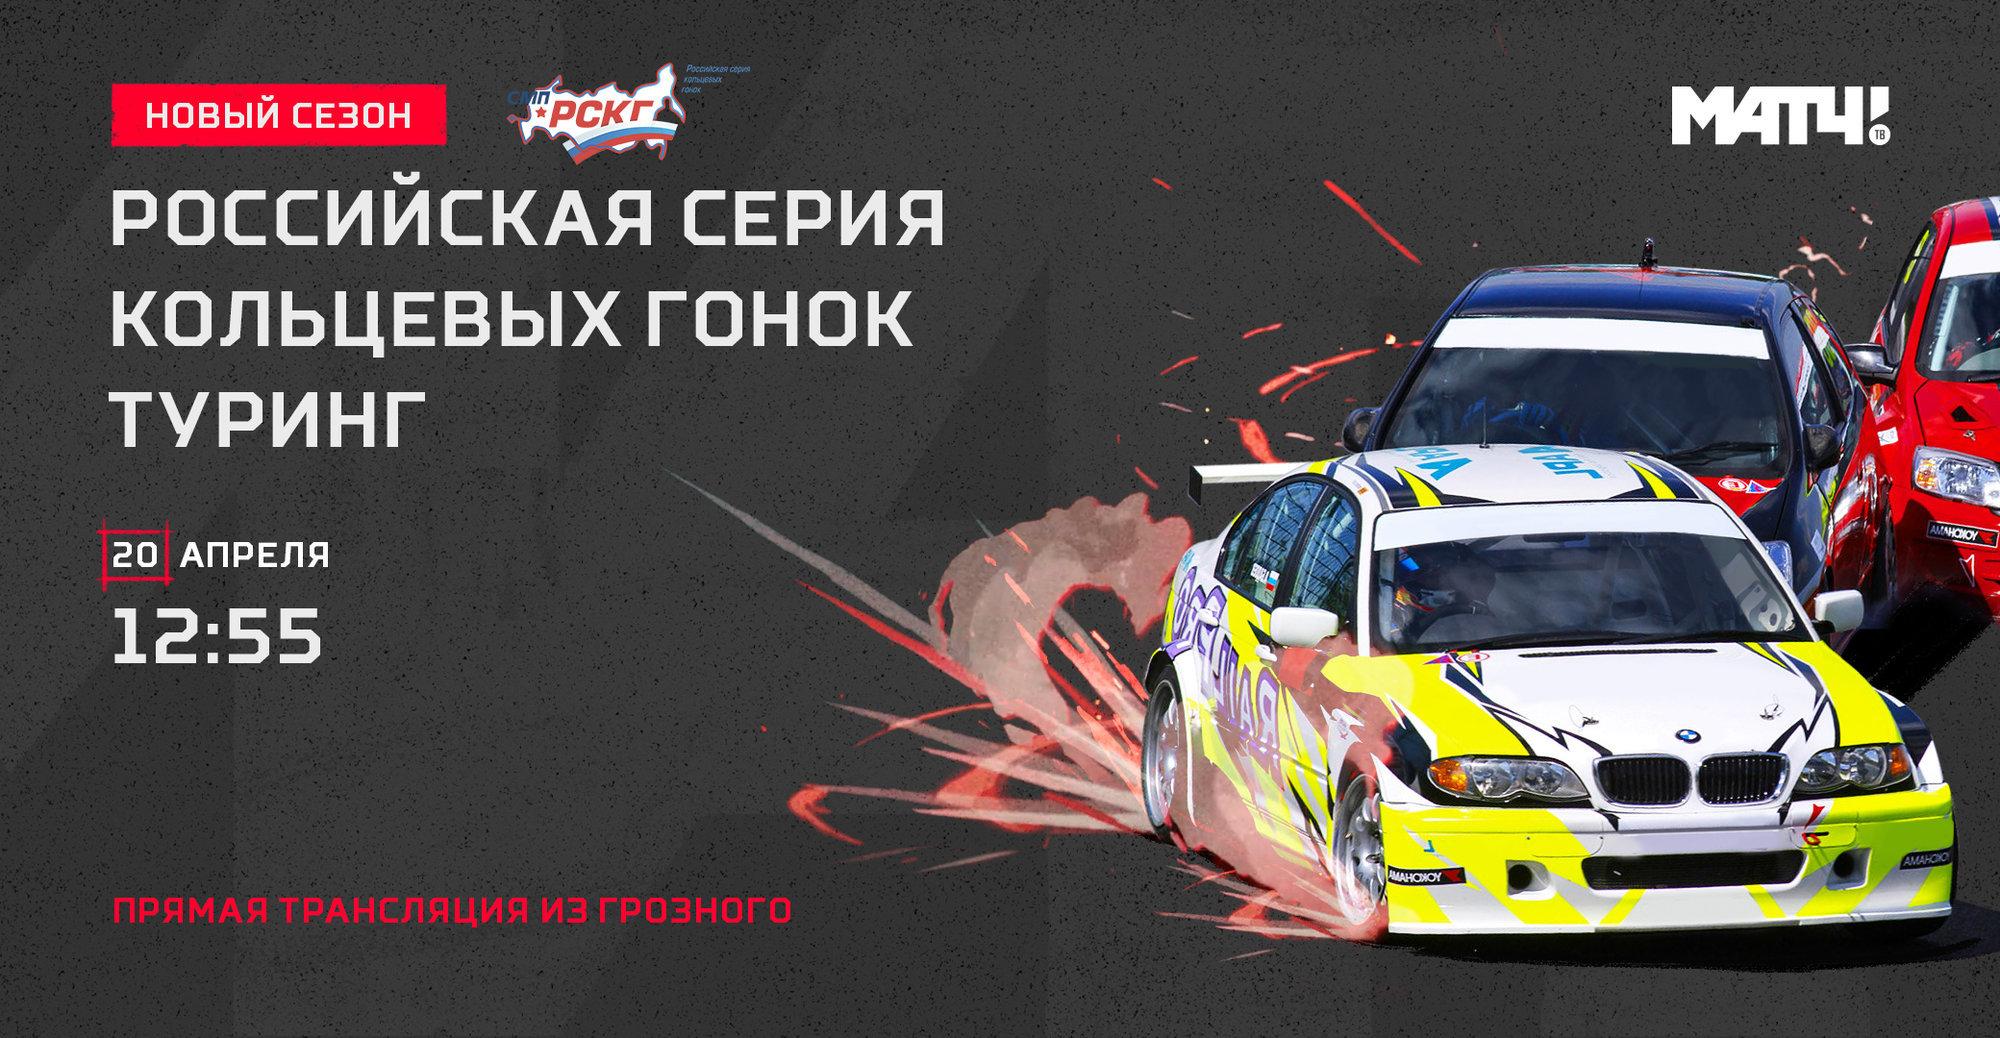 Новый сезон Российской серии кольцевых гонок на «Матч ТВ»